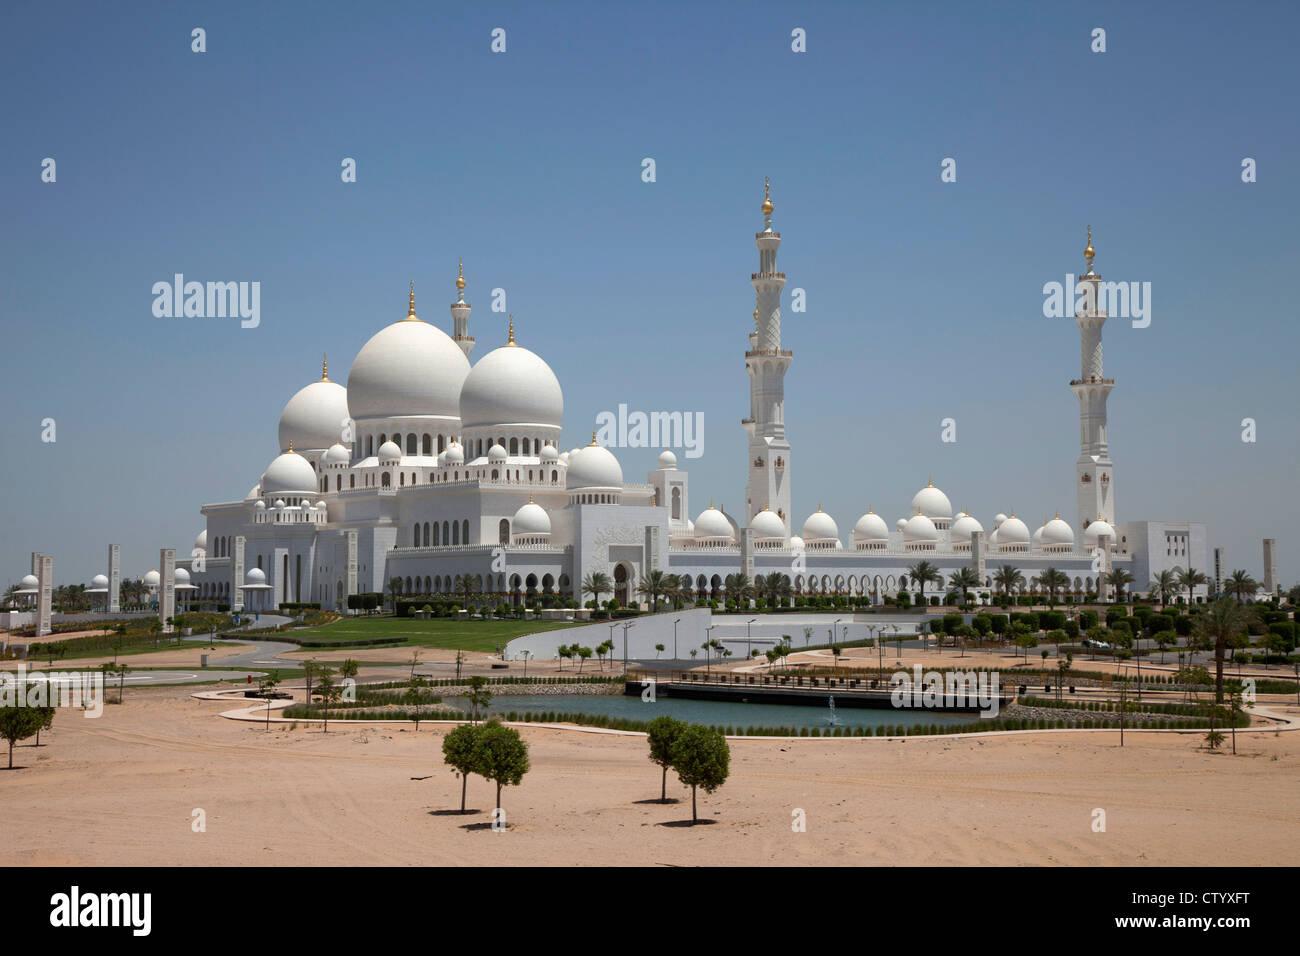 Große Moschee mit Kuppeln und Türme Stockbild